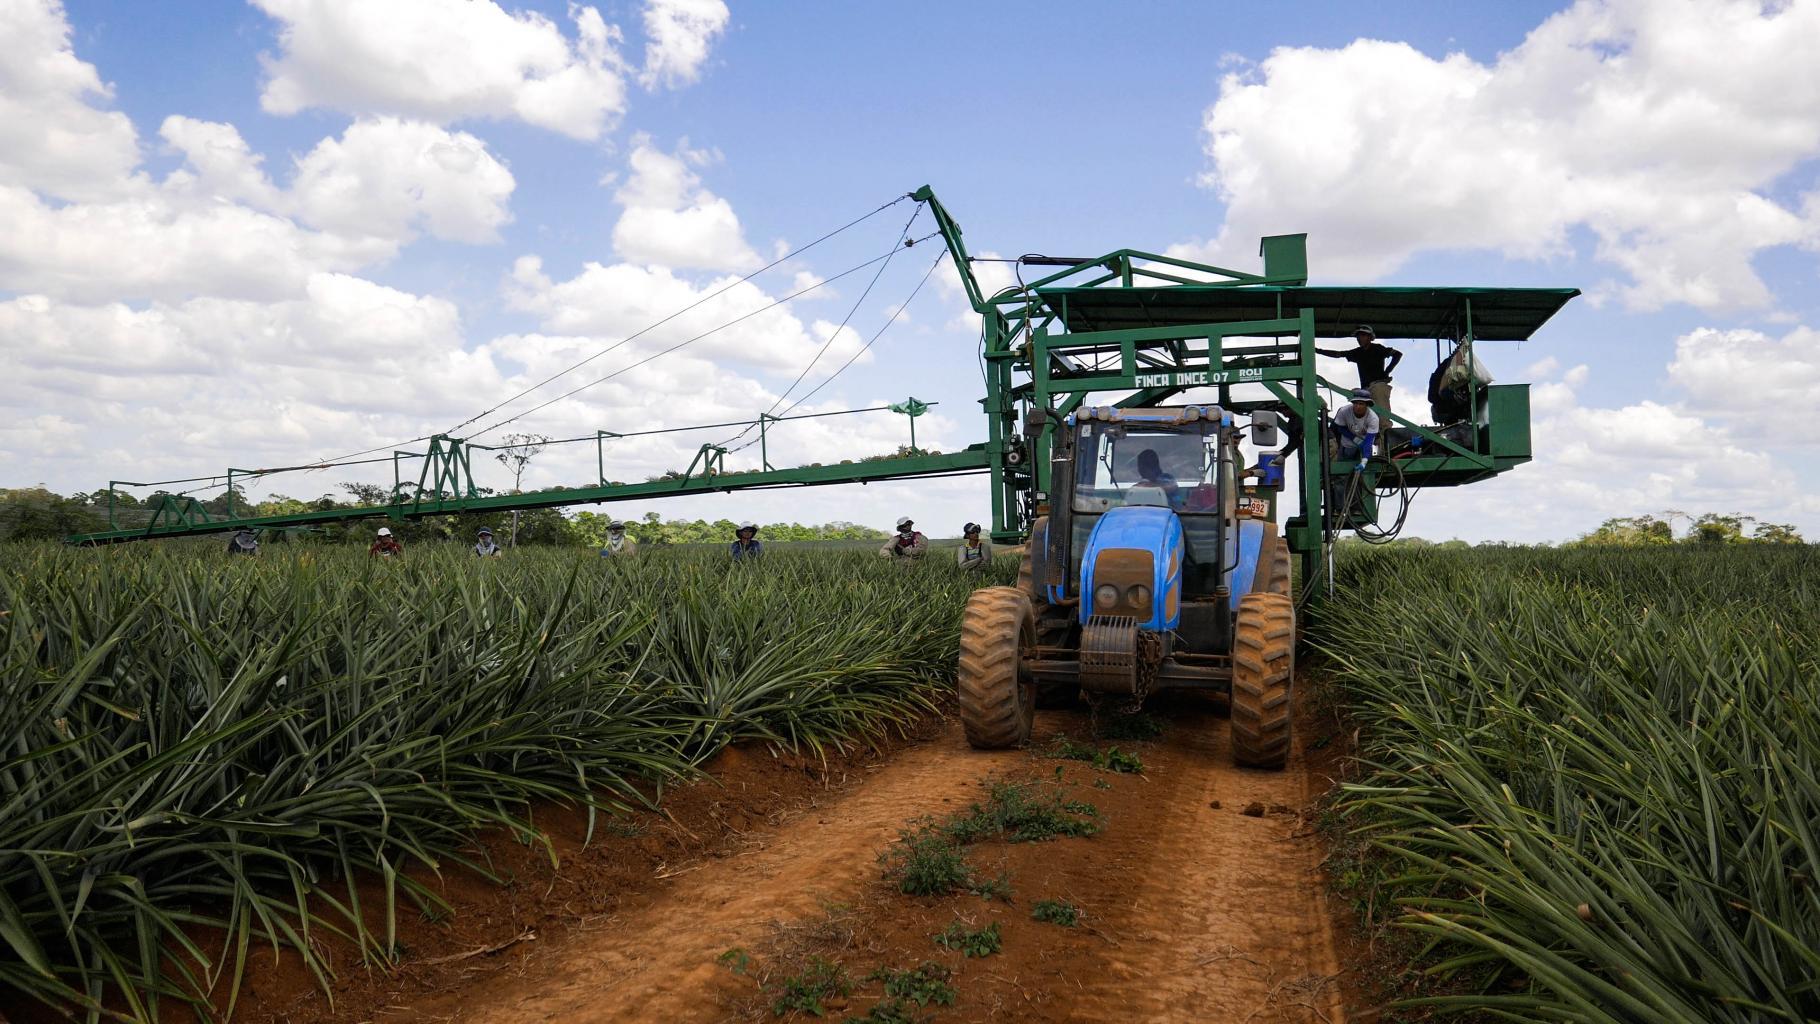 Arbeiter auf einem Traktor und im Feld einer Ananasplantage